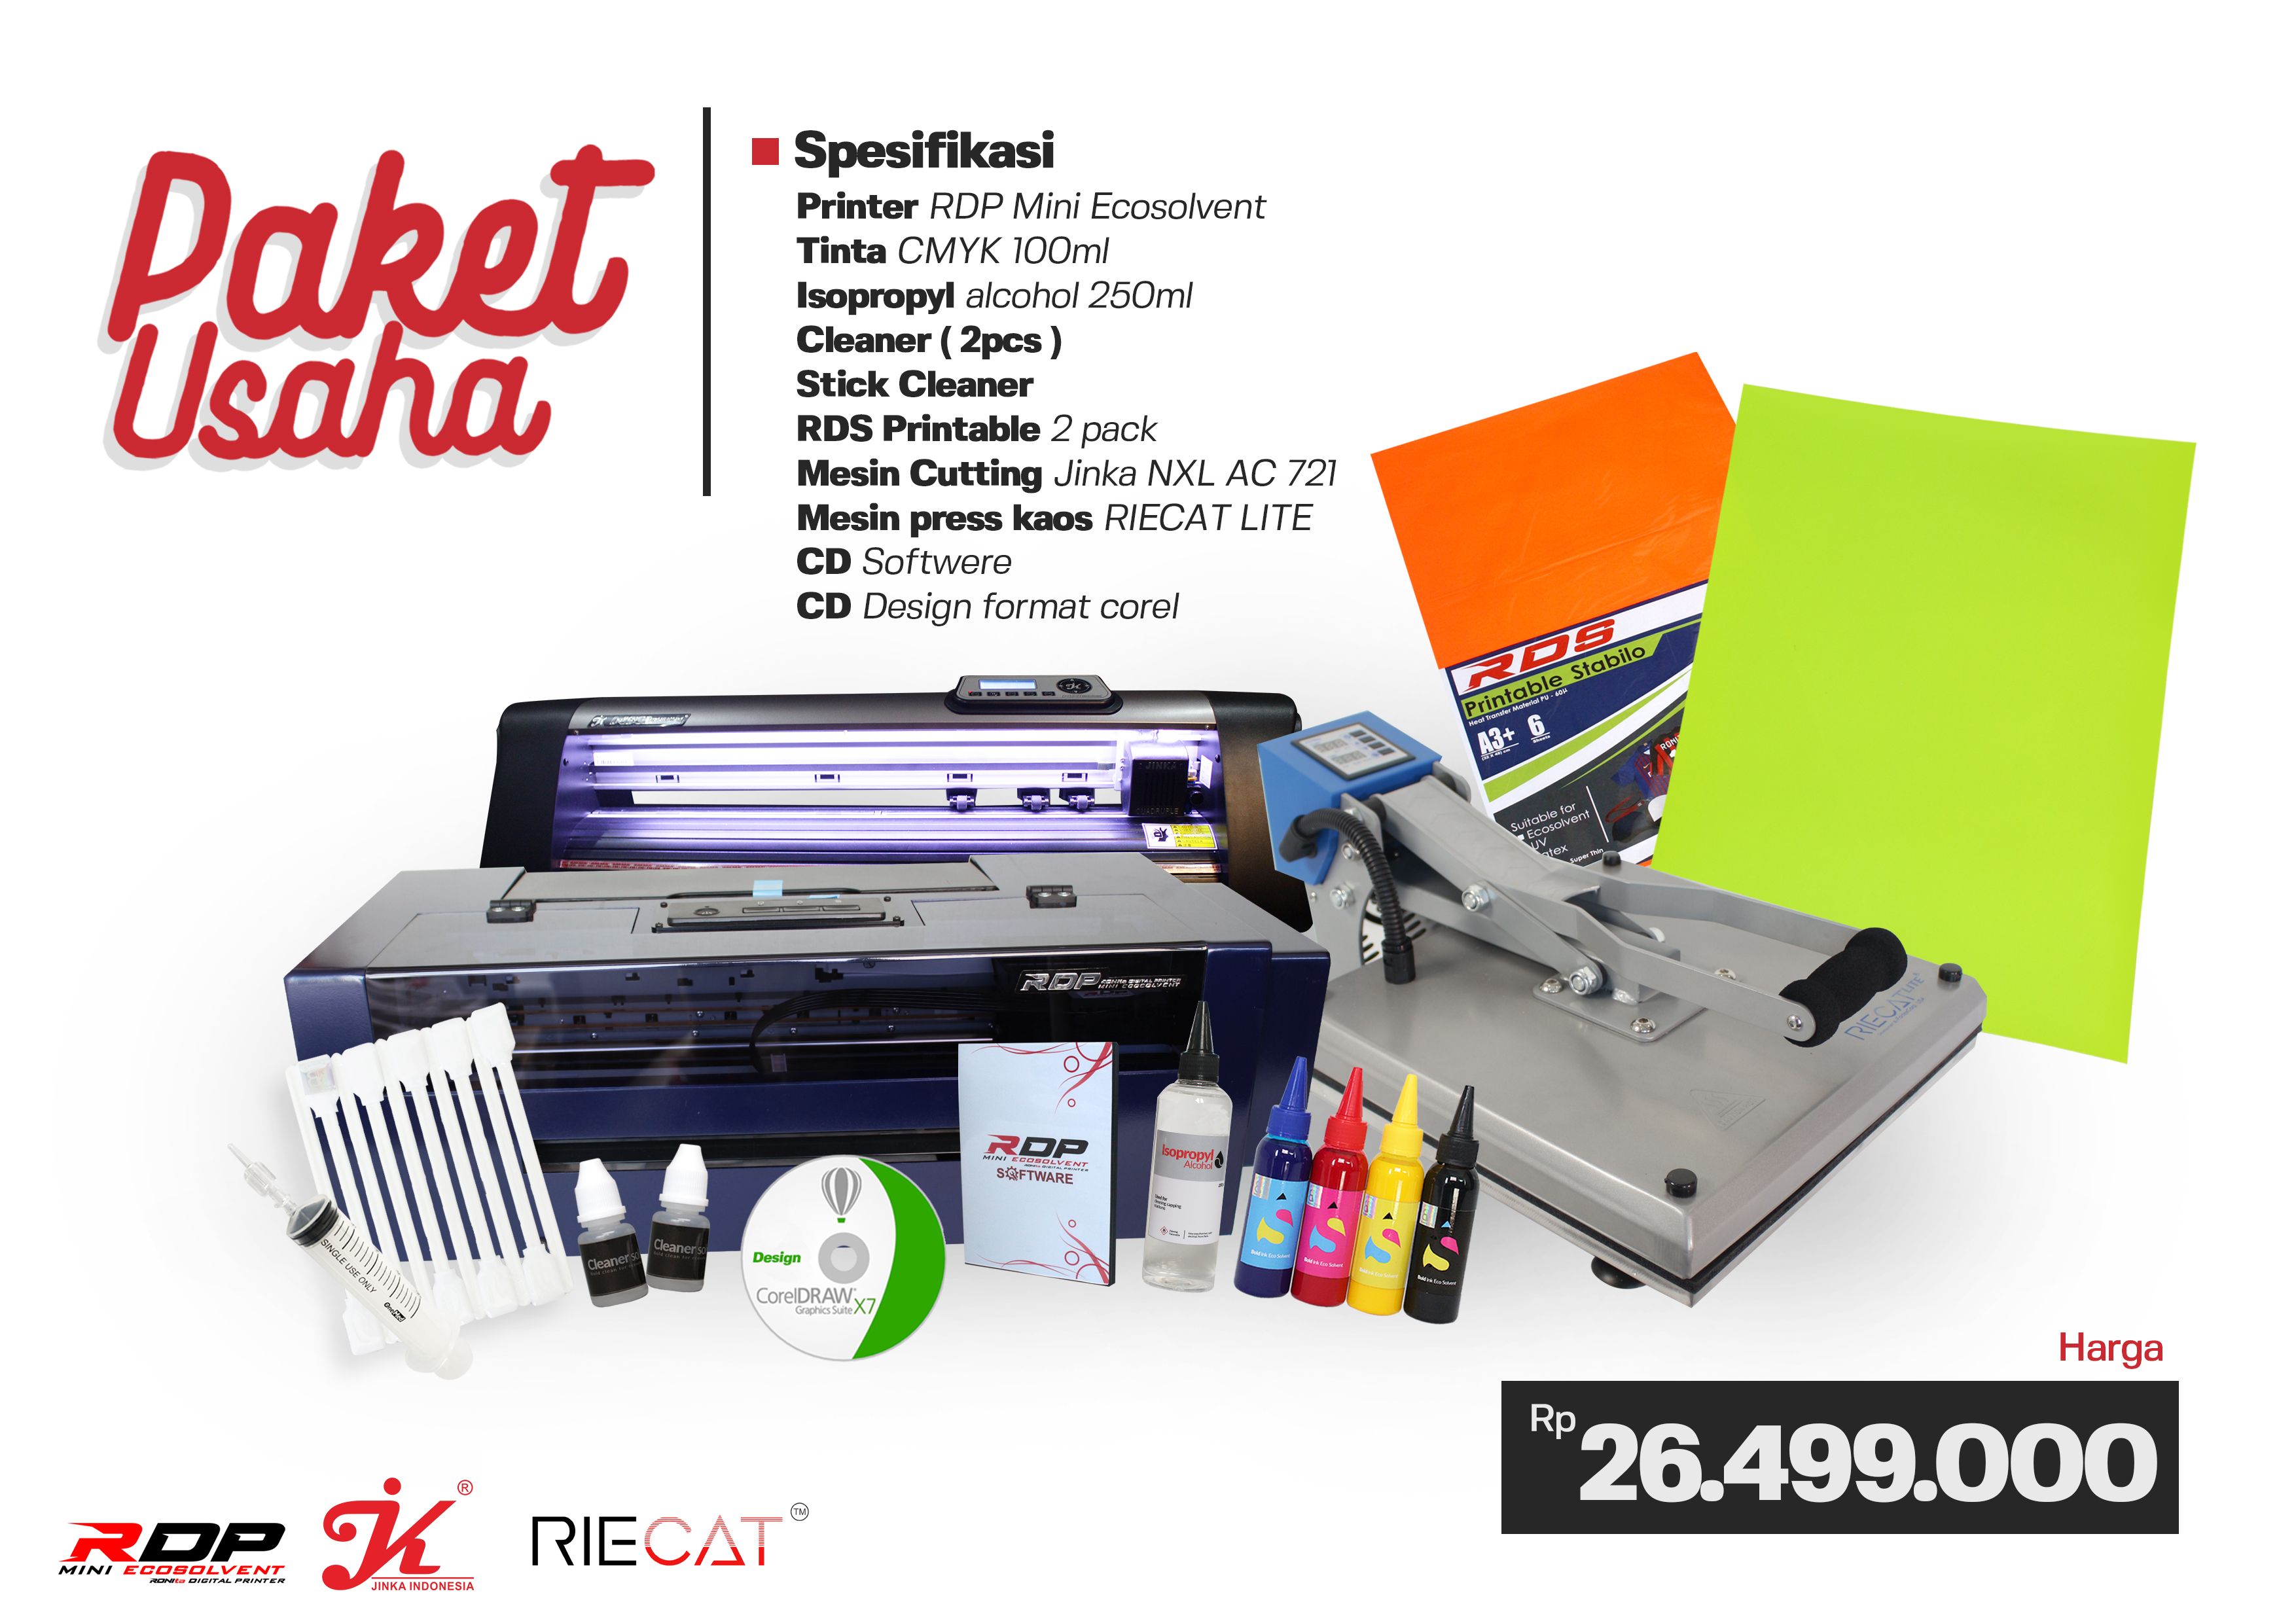 Paket Usaha Printer RDP Ecosolvent + JINKA NXL AC 721